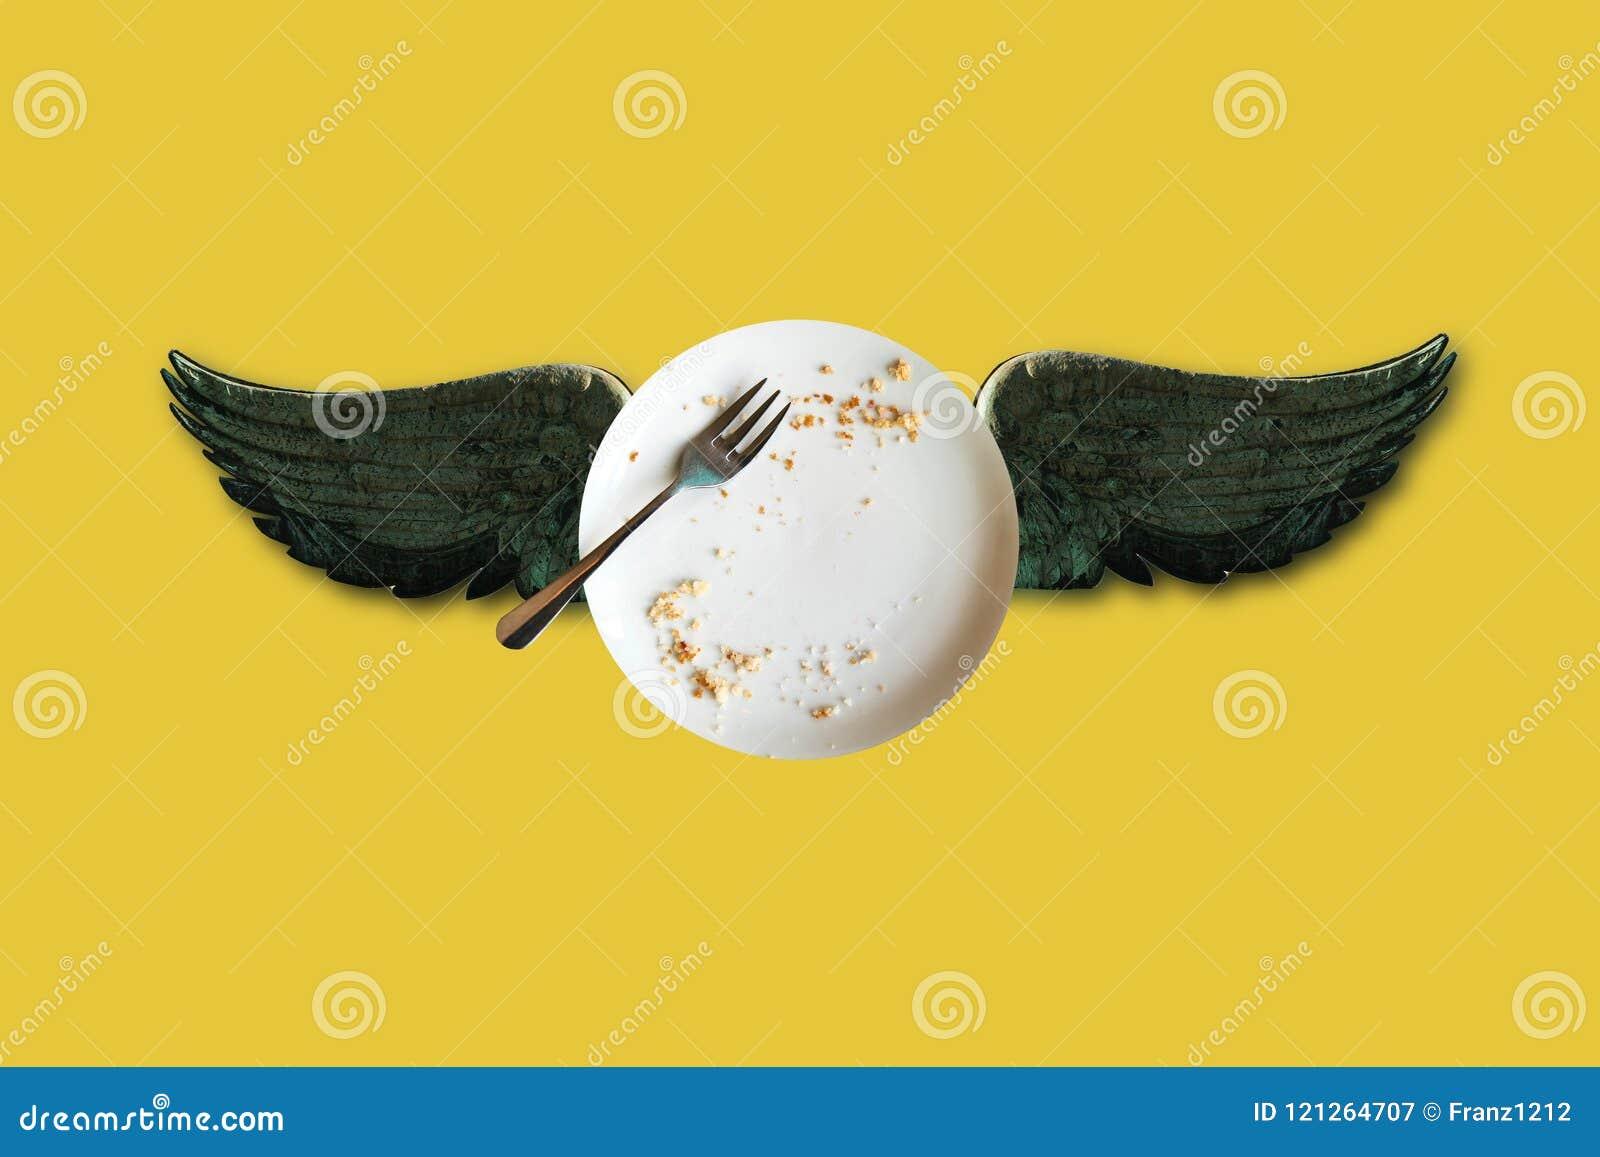 Illustration conceptuelle minimale d un plat vide avec des miettes et des ailes sur un fond jaune Mon idée, conception et art